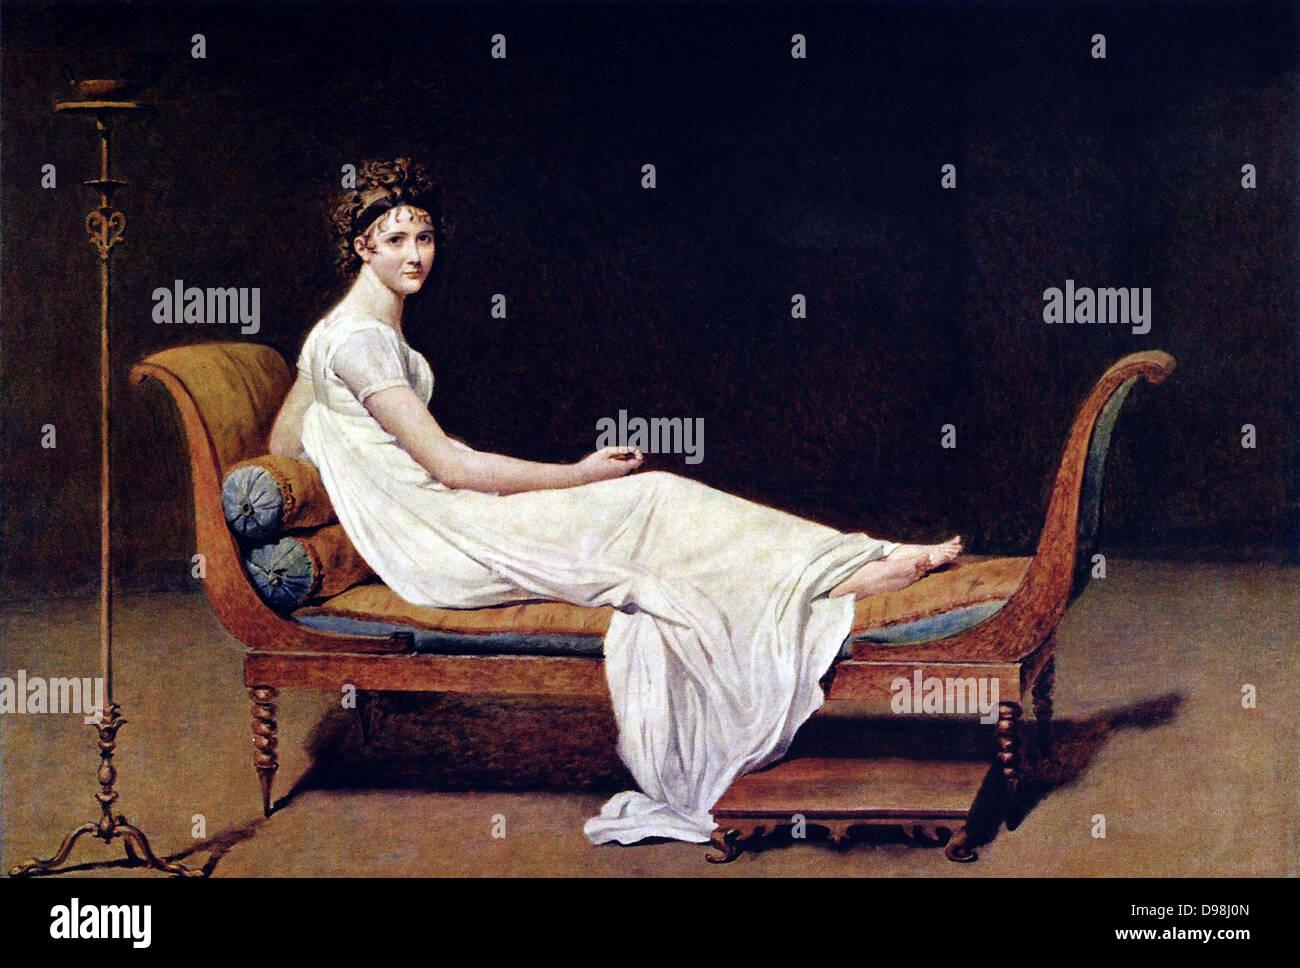 Jacques-Louis David. Portrait of Madame Recamier 1800 - Stock Image